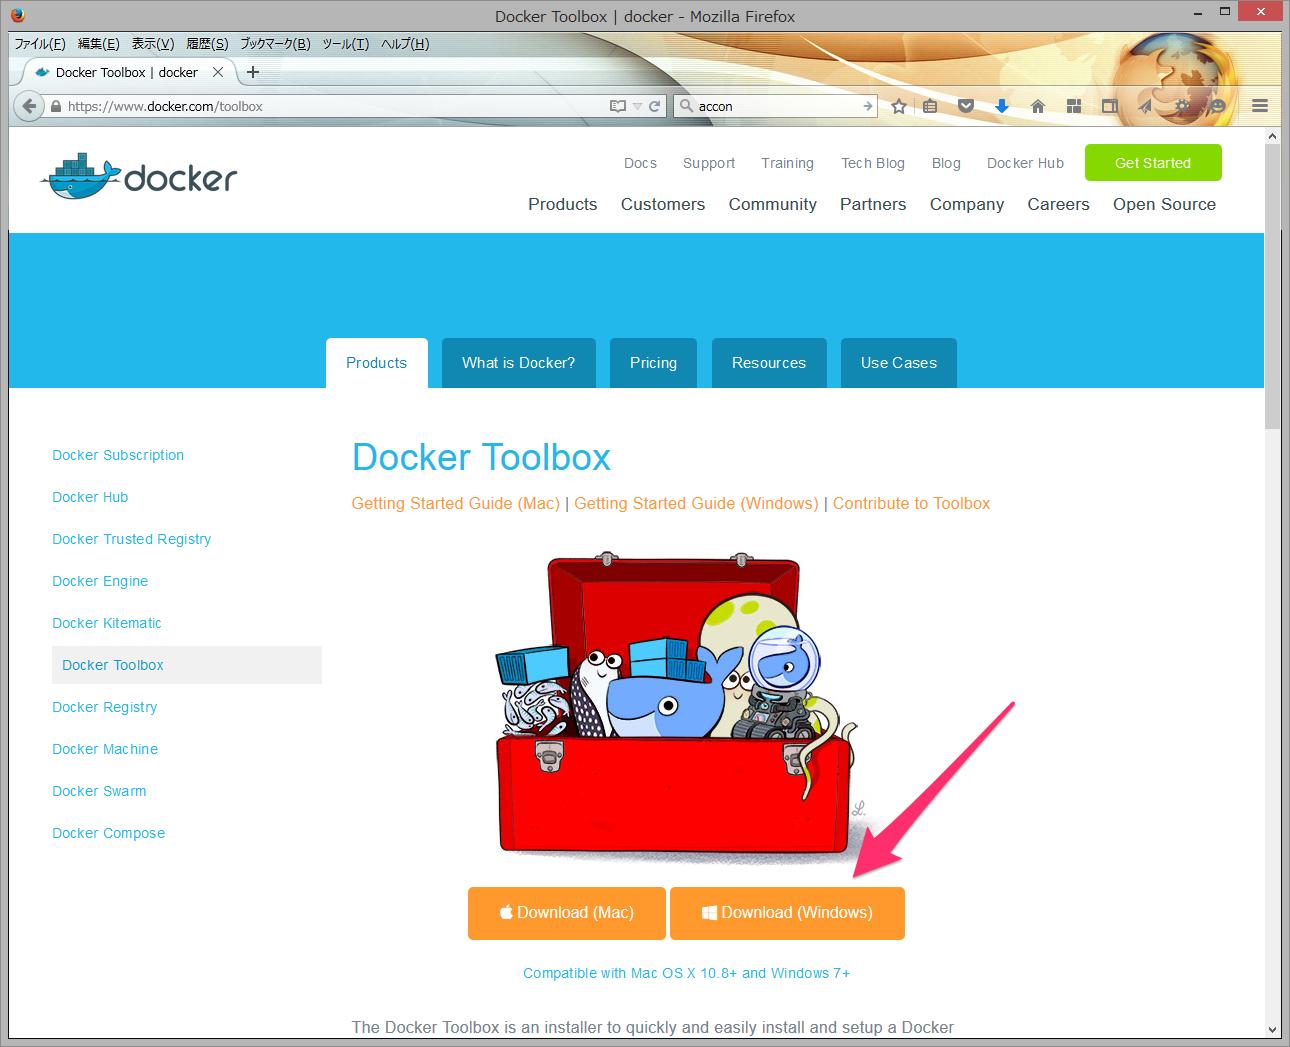 Docker Toolbox